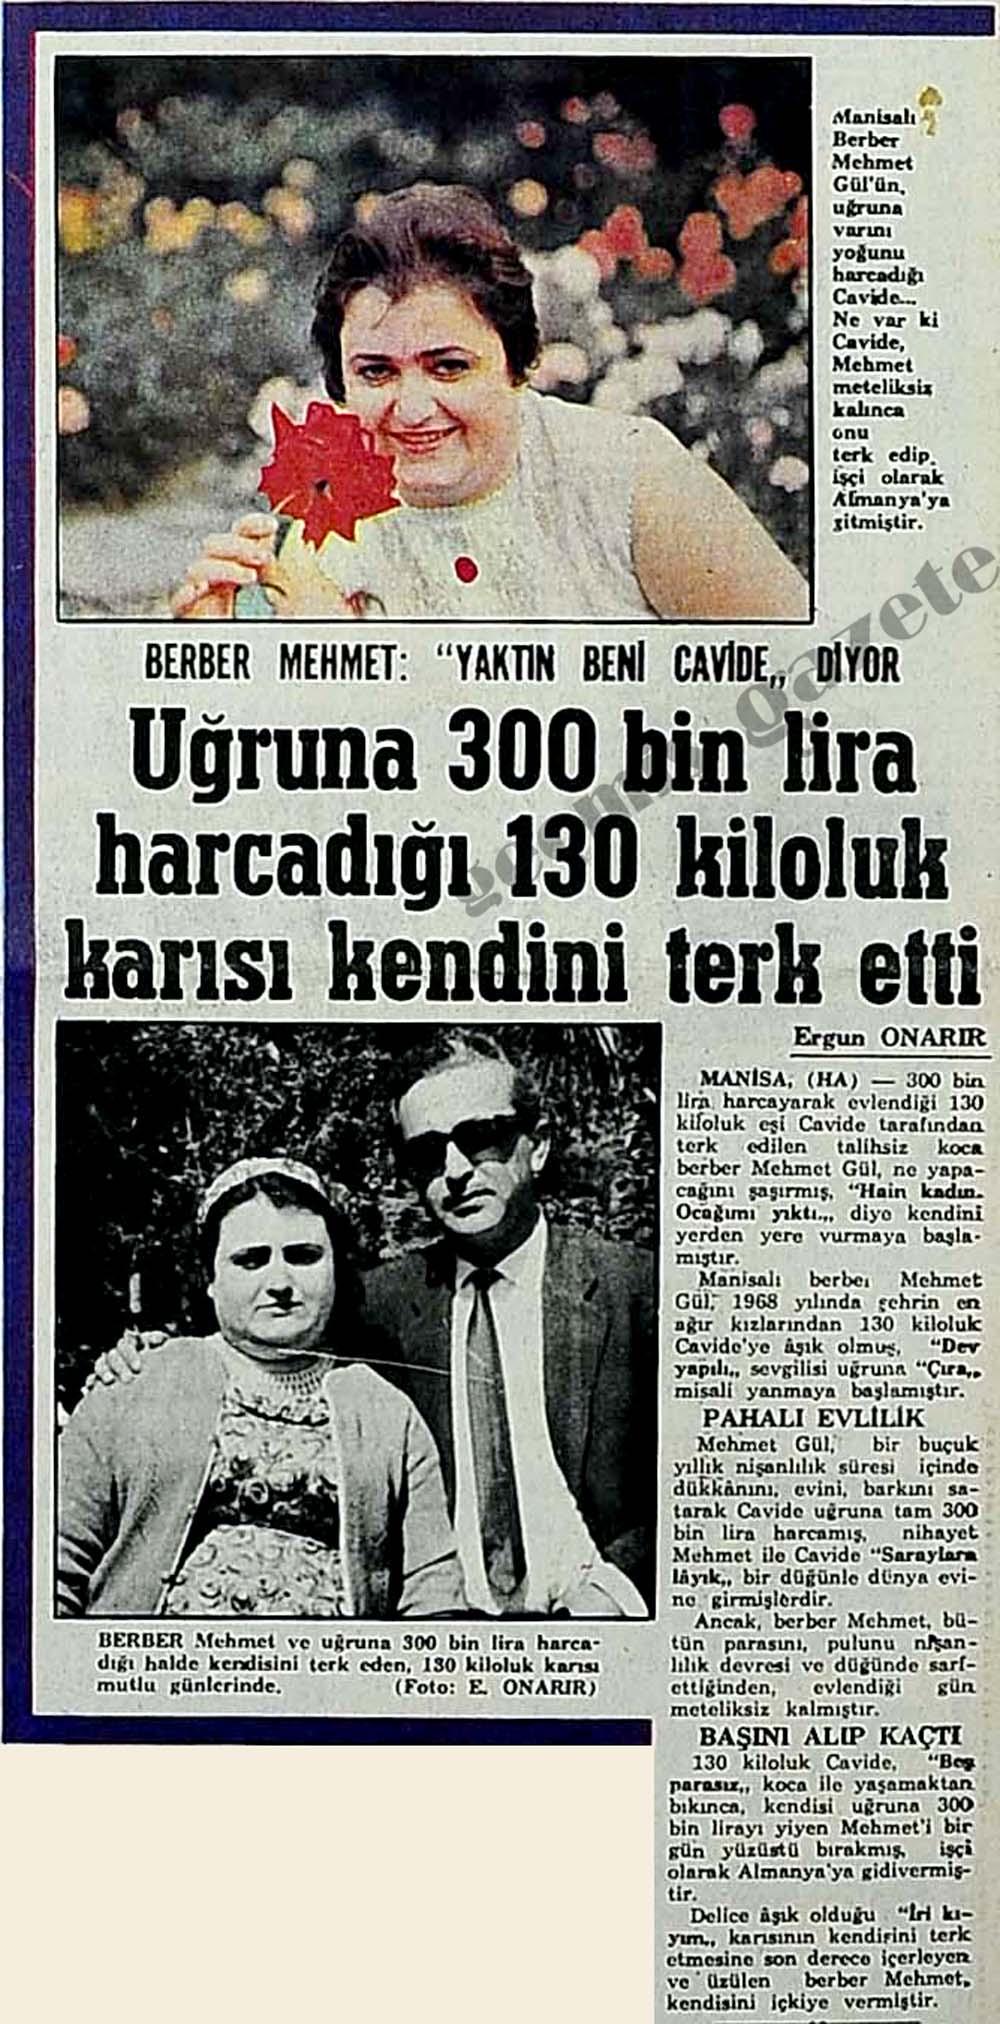 Uğruna 300 bin lira harcadığı 130 kiloluk karısı kendini terk etti